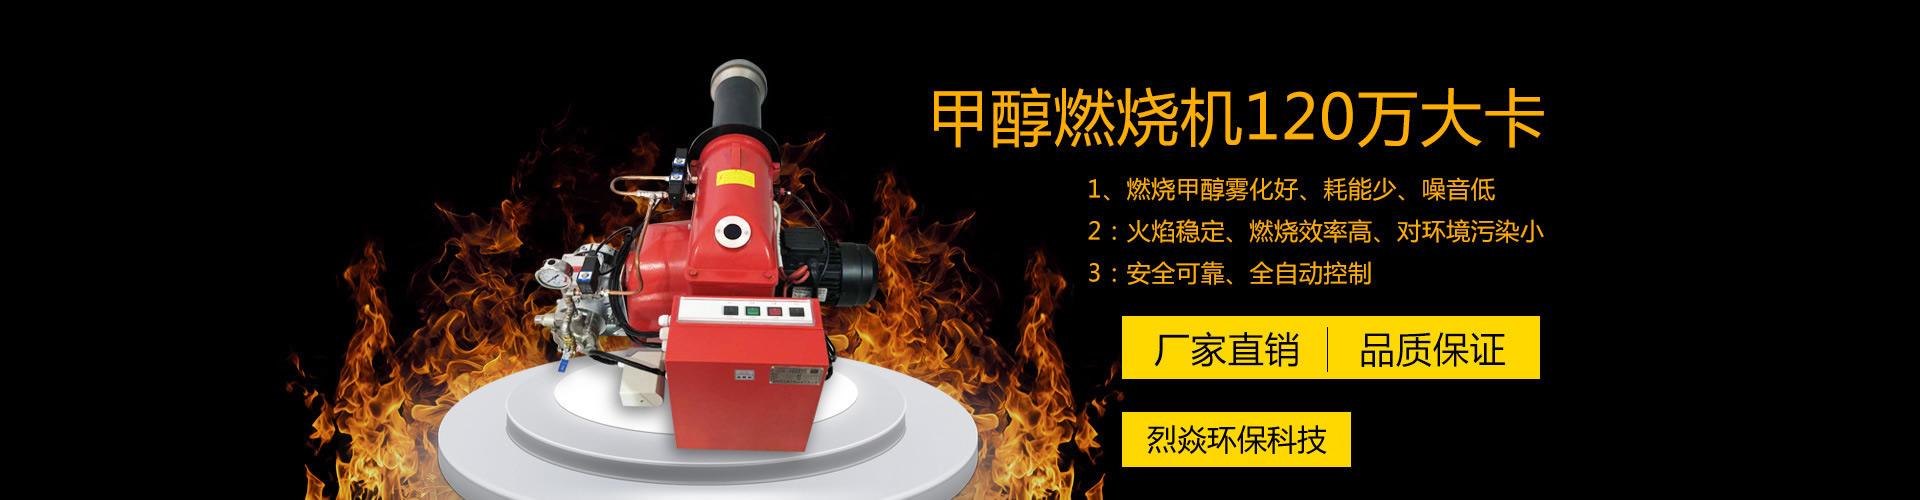 甲醇燃烧机